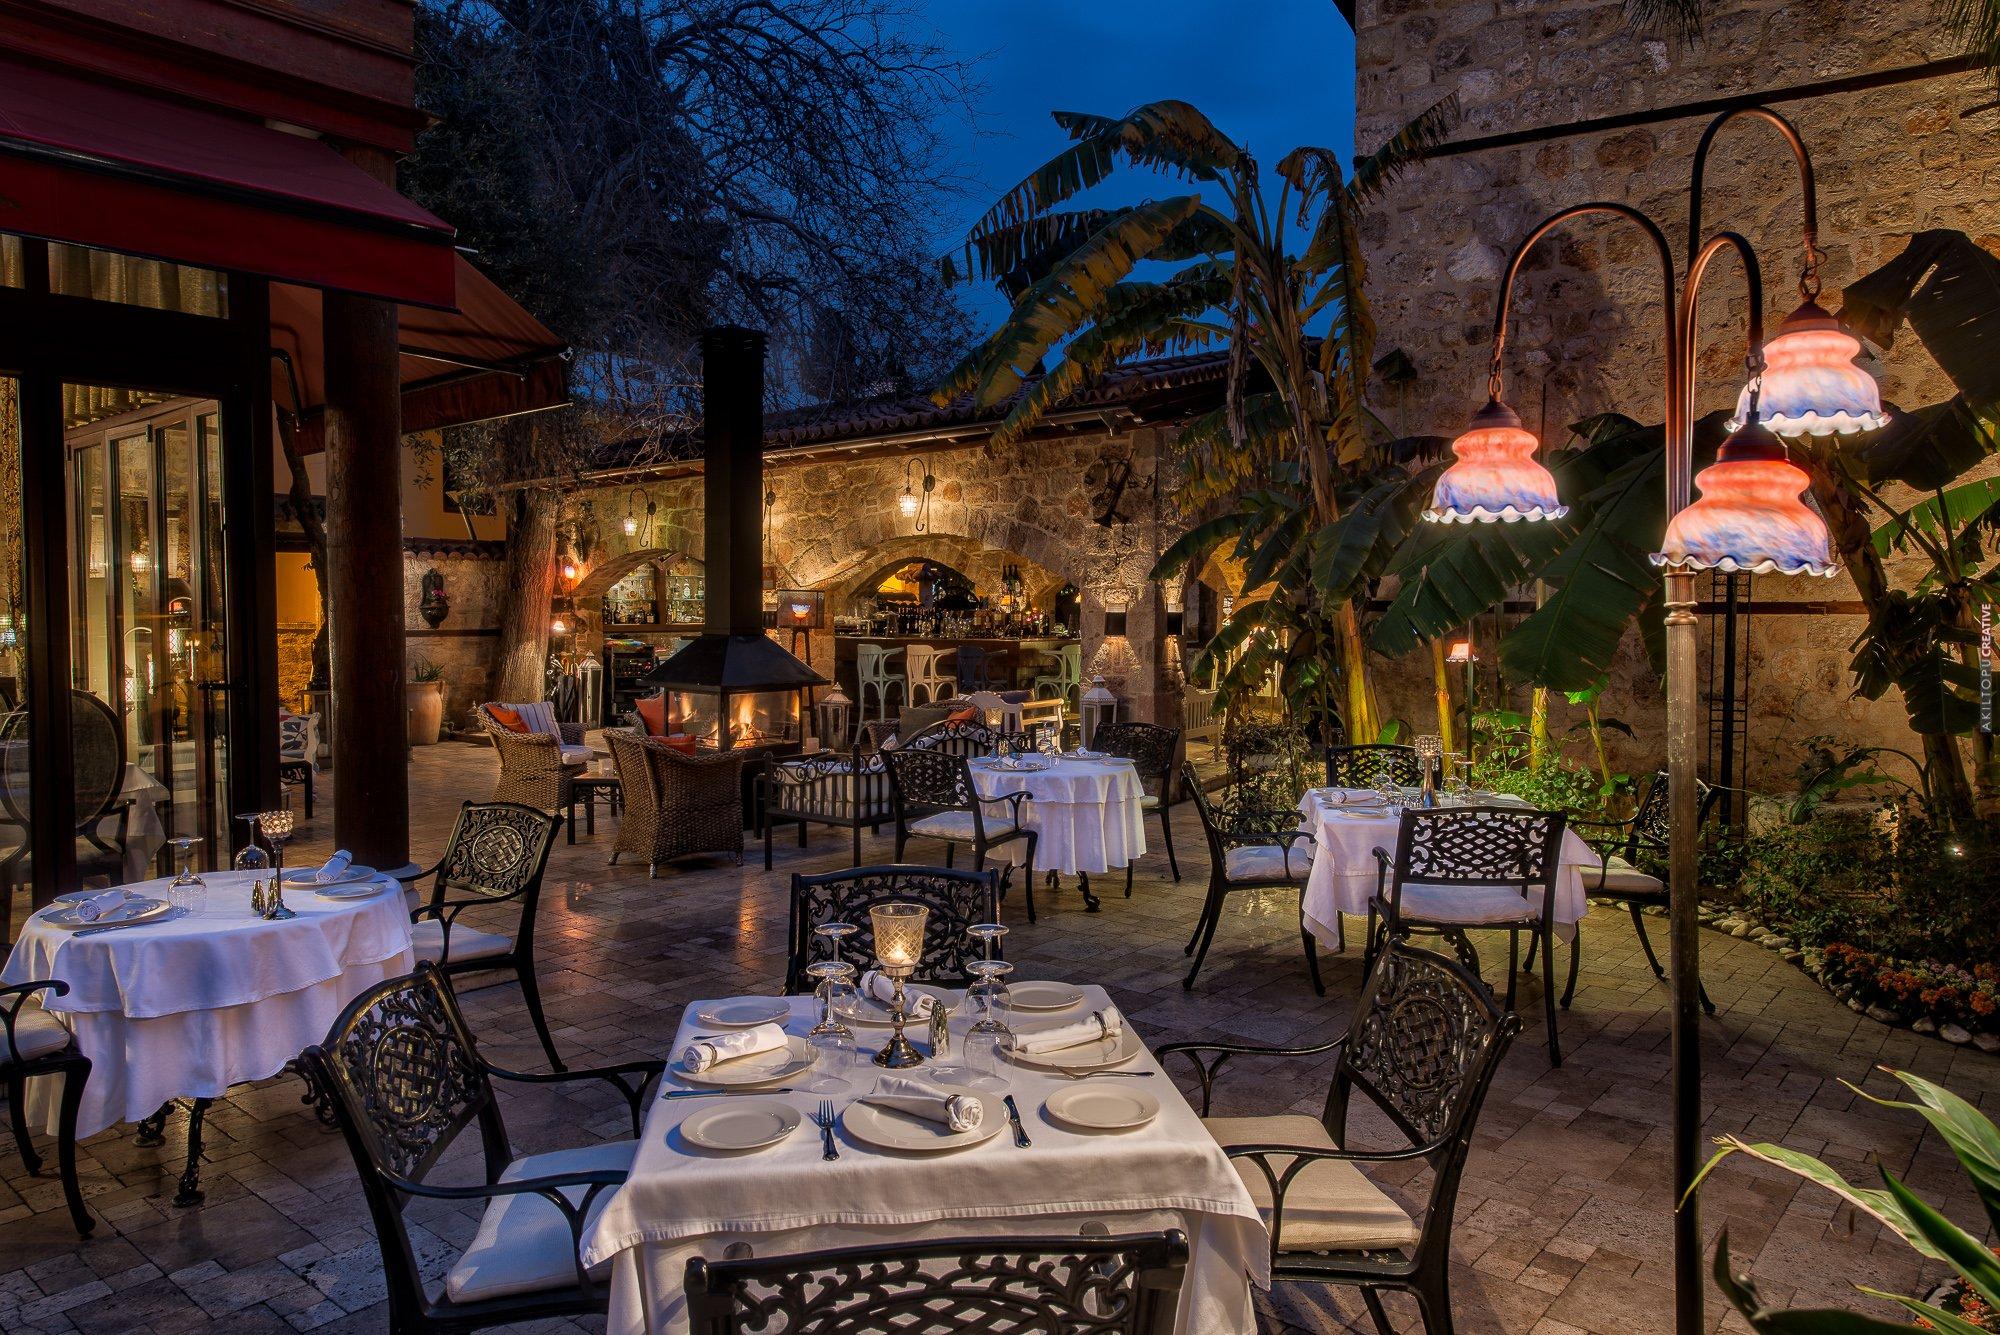 Fine dining restaurant exterior - Seraser Fine Dining Restaurant